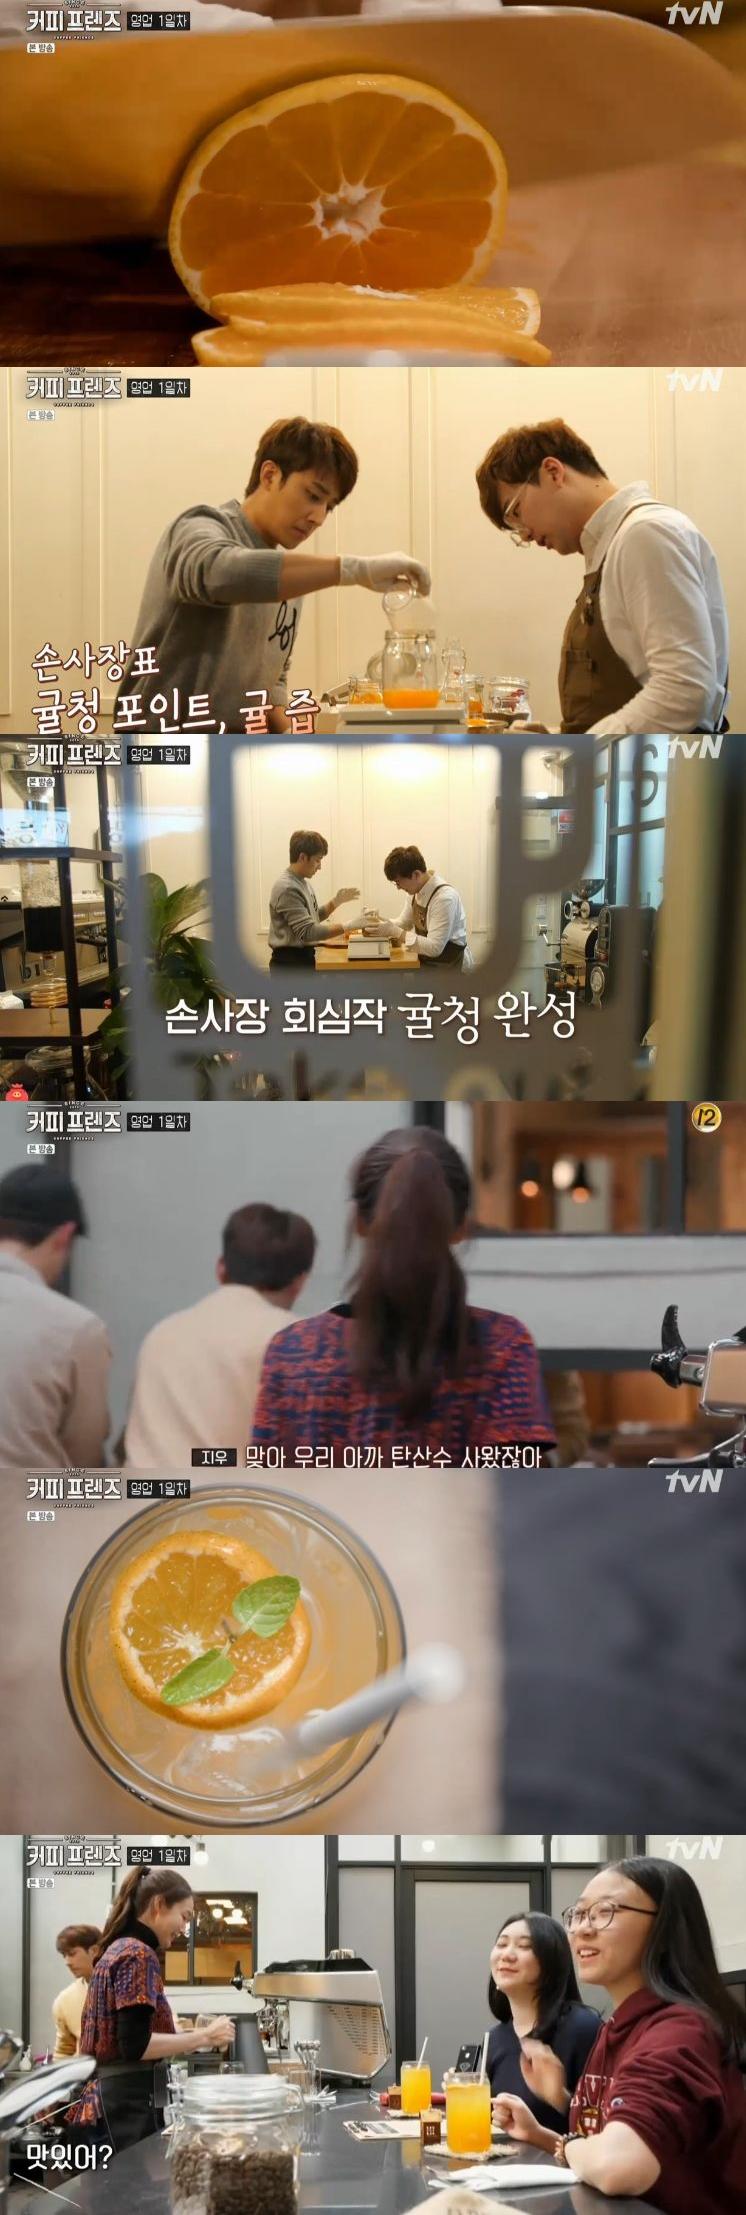 '커피프렌즈' 최지우, 판매율 제로 '꿀귤차' 대신 '꿀귤에이드'로 ...